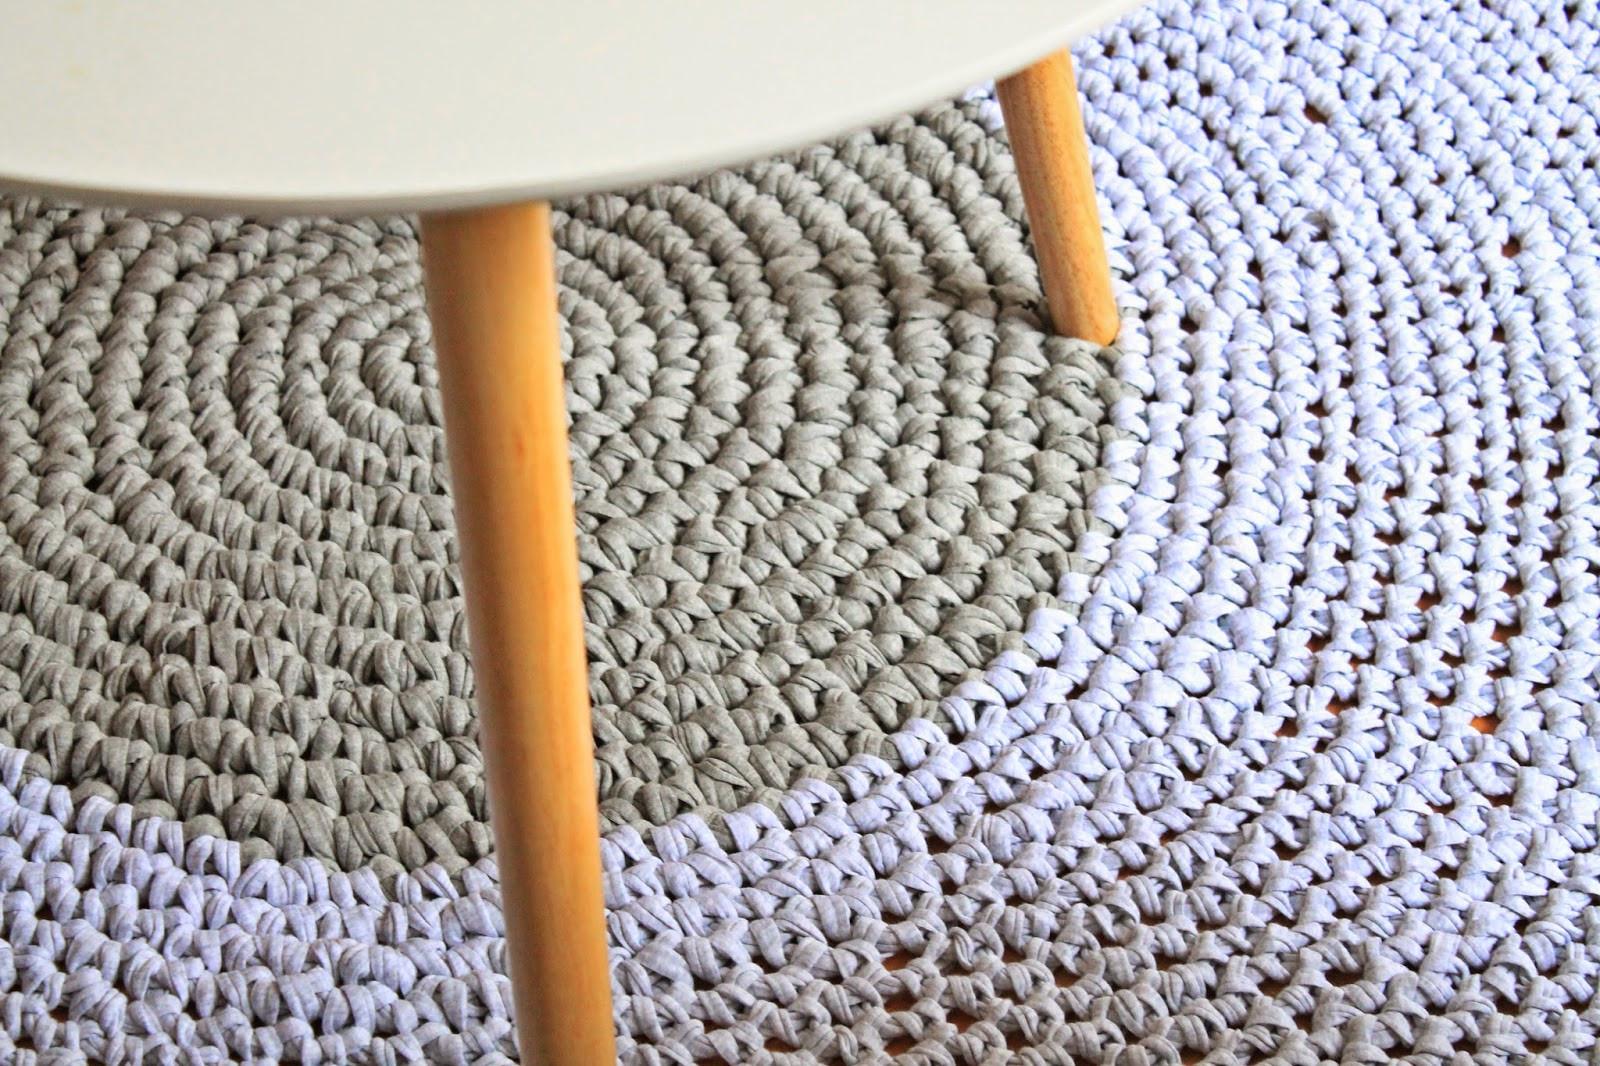 Diy Teppich  gesa k Ein Teppich für das Wohnzimmer [DIY]